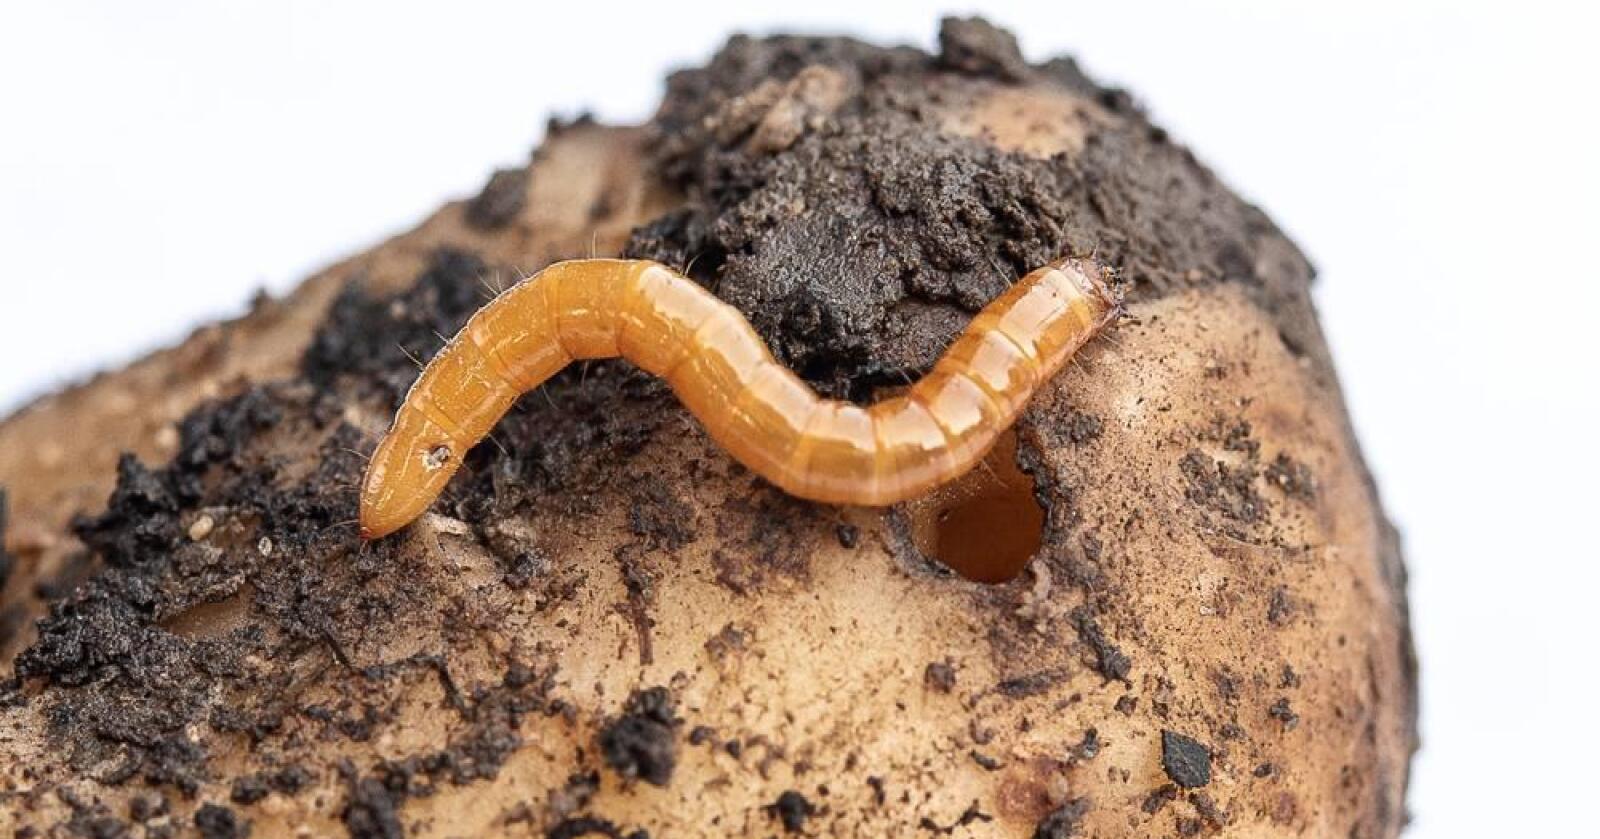 BLIR FLERE: Ifølge NIBIO er kjølmark et økende problem i Norge. De spiser hull i poteter og kan gi avlingssvikt i korn. Foto: Erling Fløistad